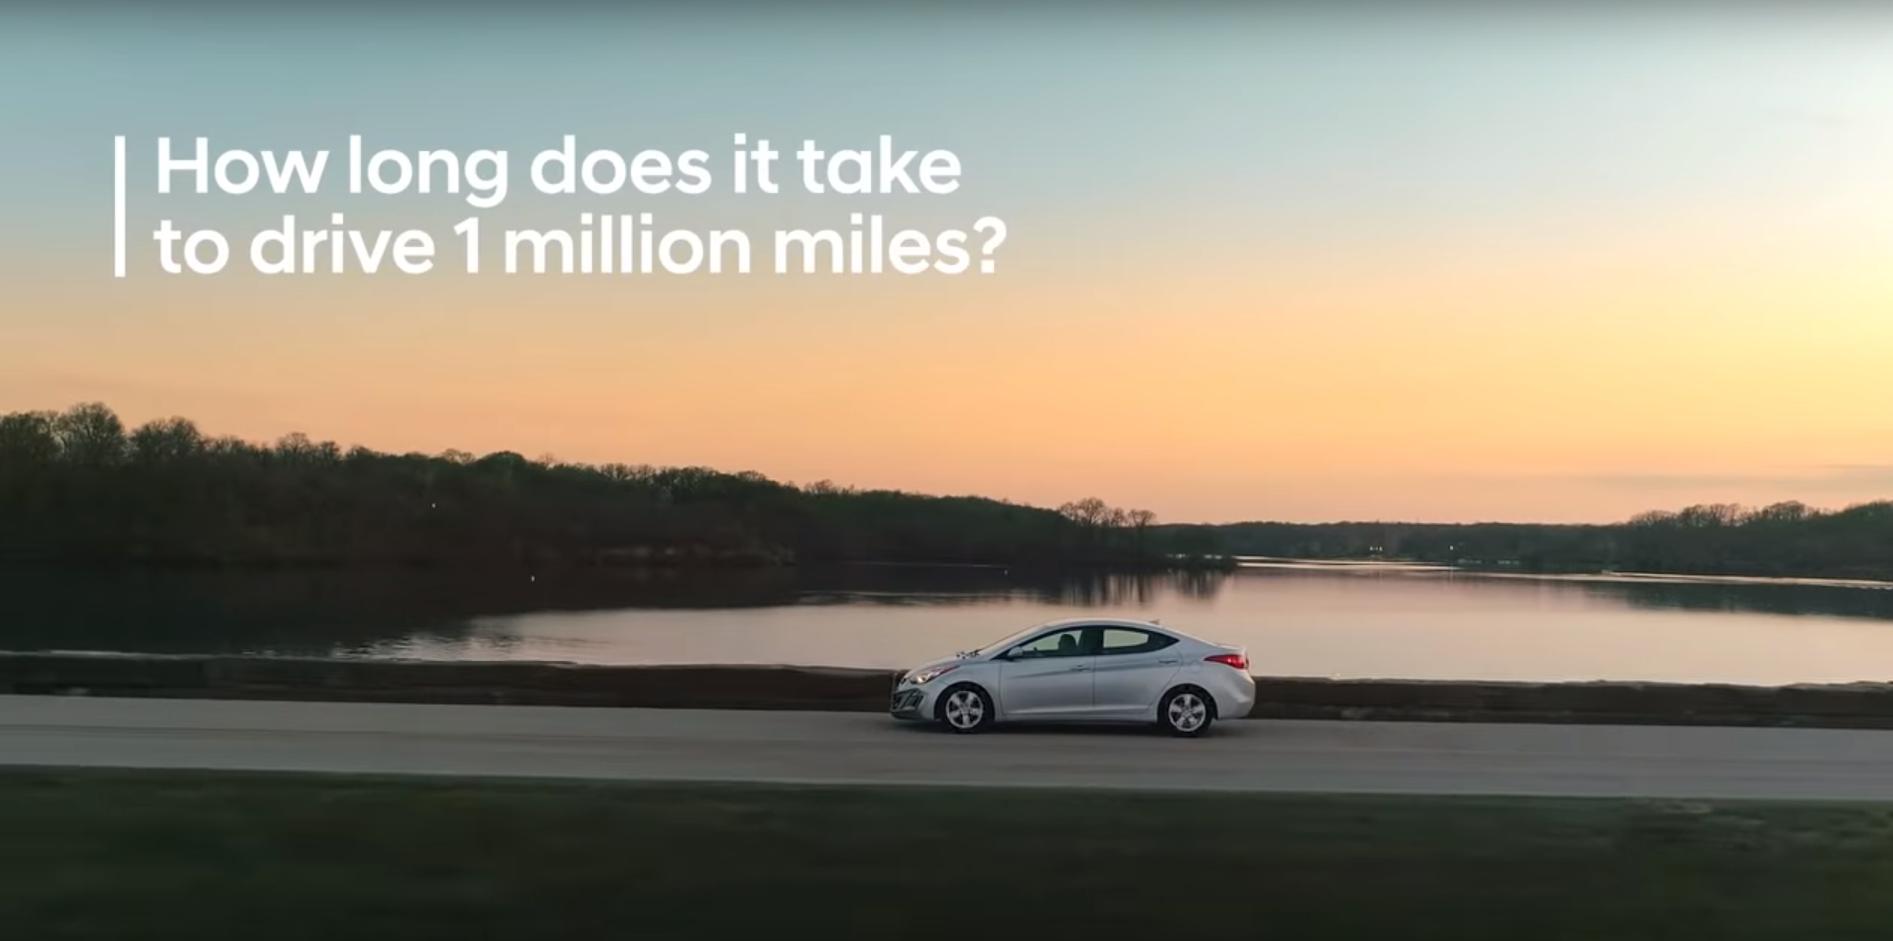 Farrah kjørte 1,6 millioner km på 5 år!